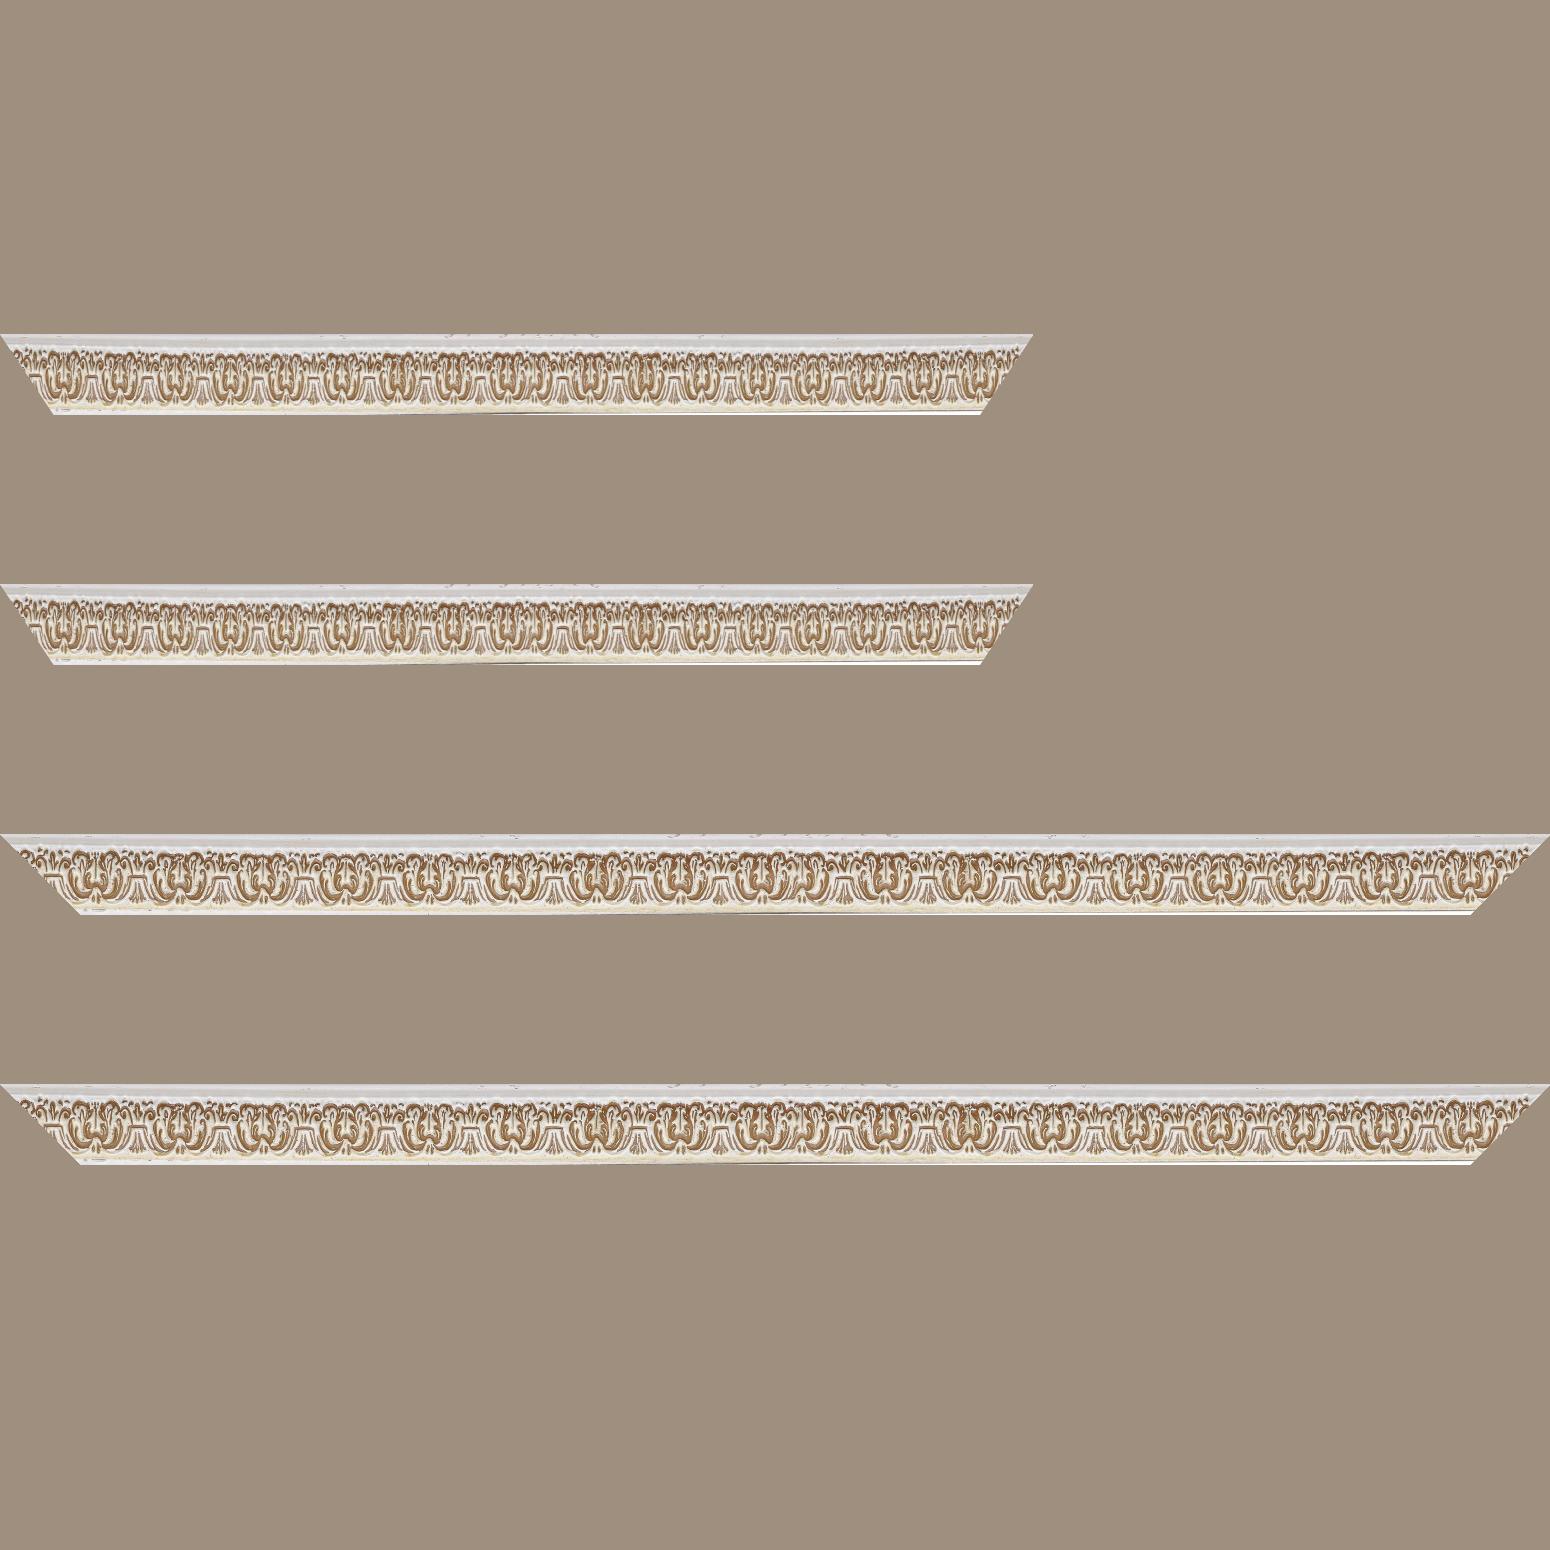 Baguette service précoupé Bois profil incurvé largeur 2.6cm couleur naturel en relief sur fond blanchie